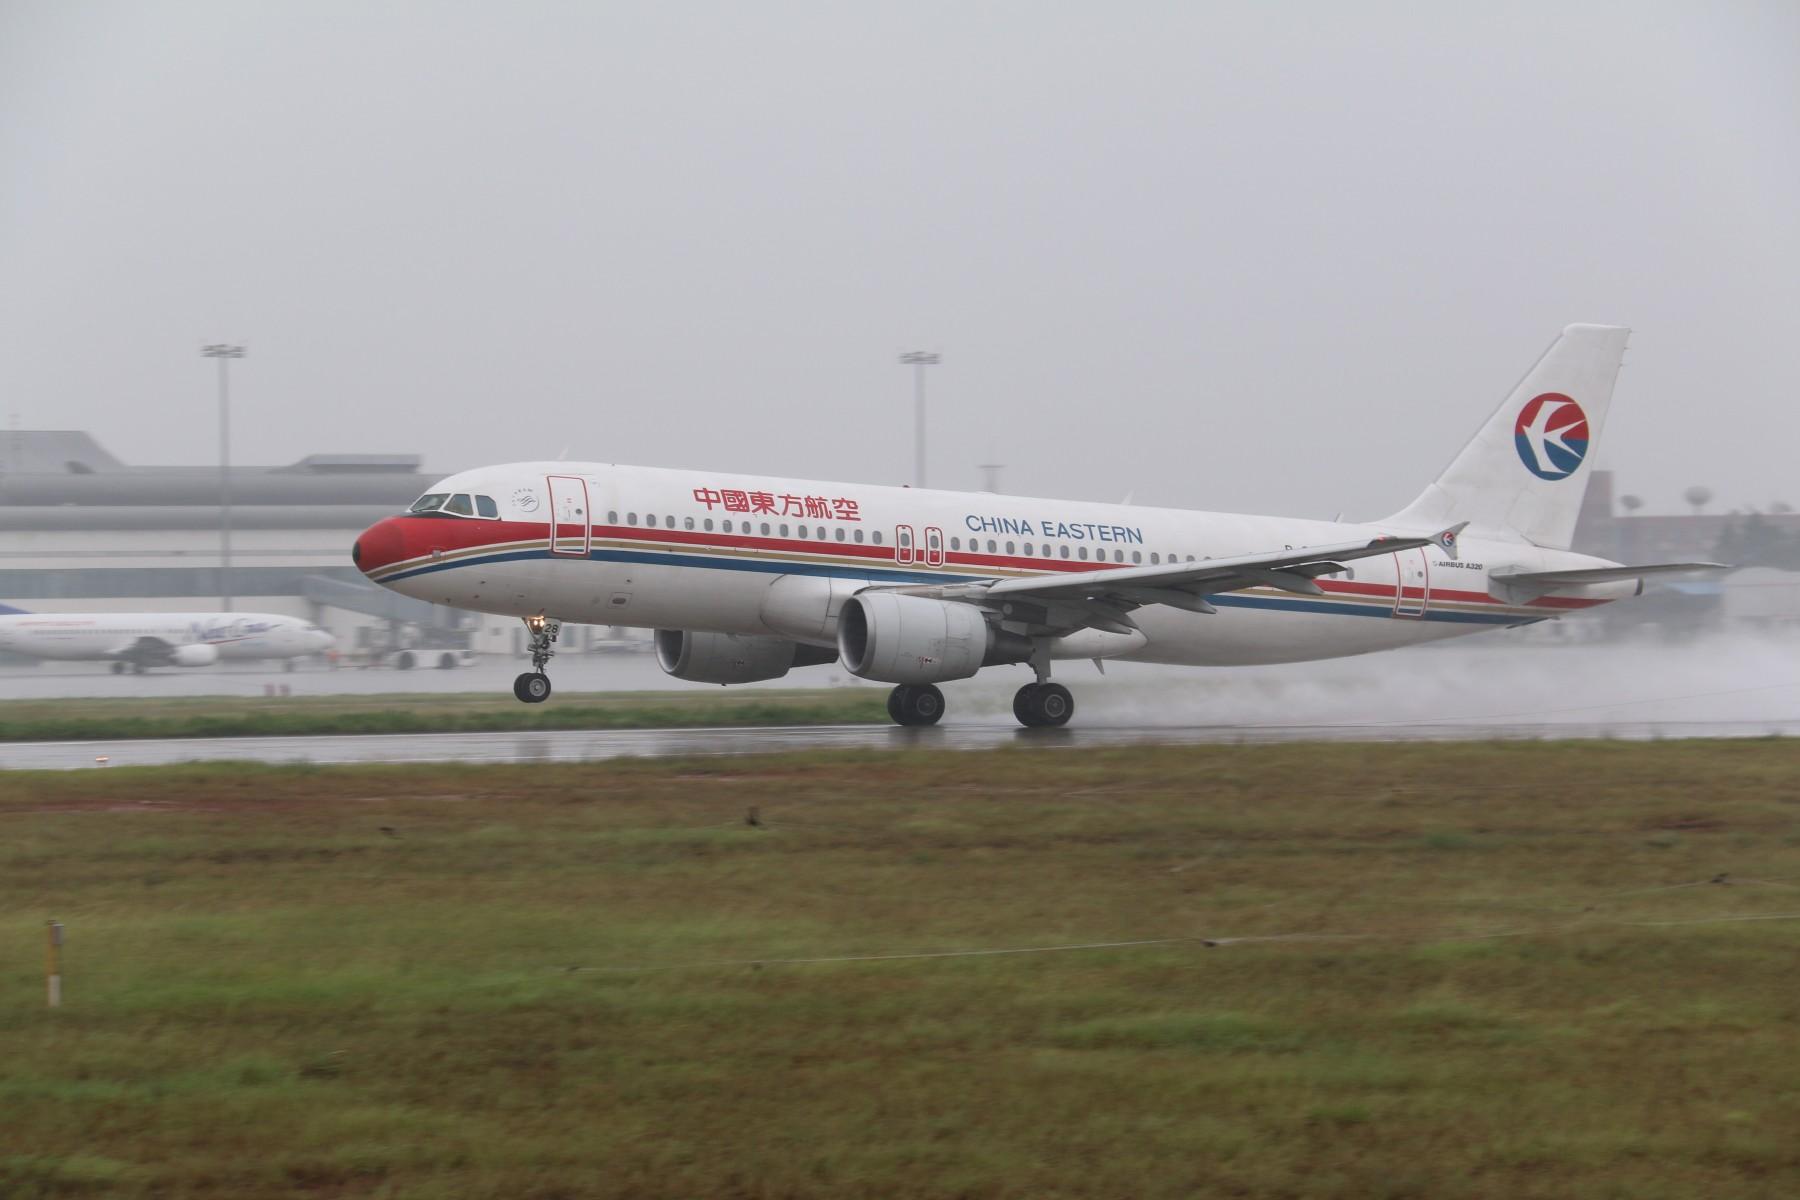 Re:[原创]【南昌飞友会】【1800*1200】暴雨大风中的KHN [17pic] AIRBUS A320-200 B-6878 中国南昌昌北国际机场